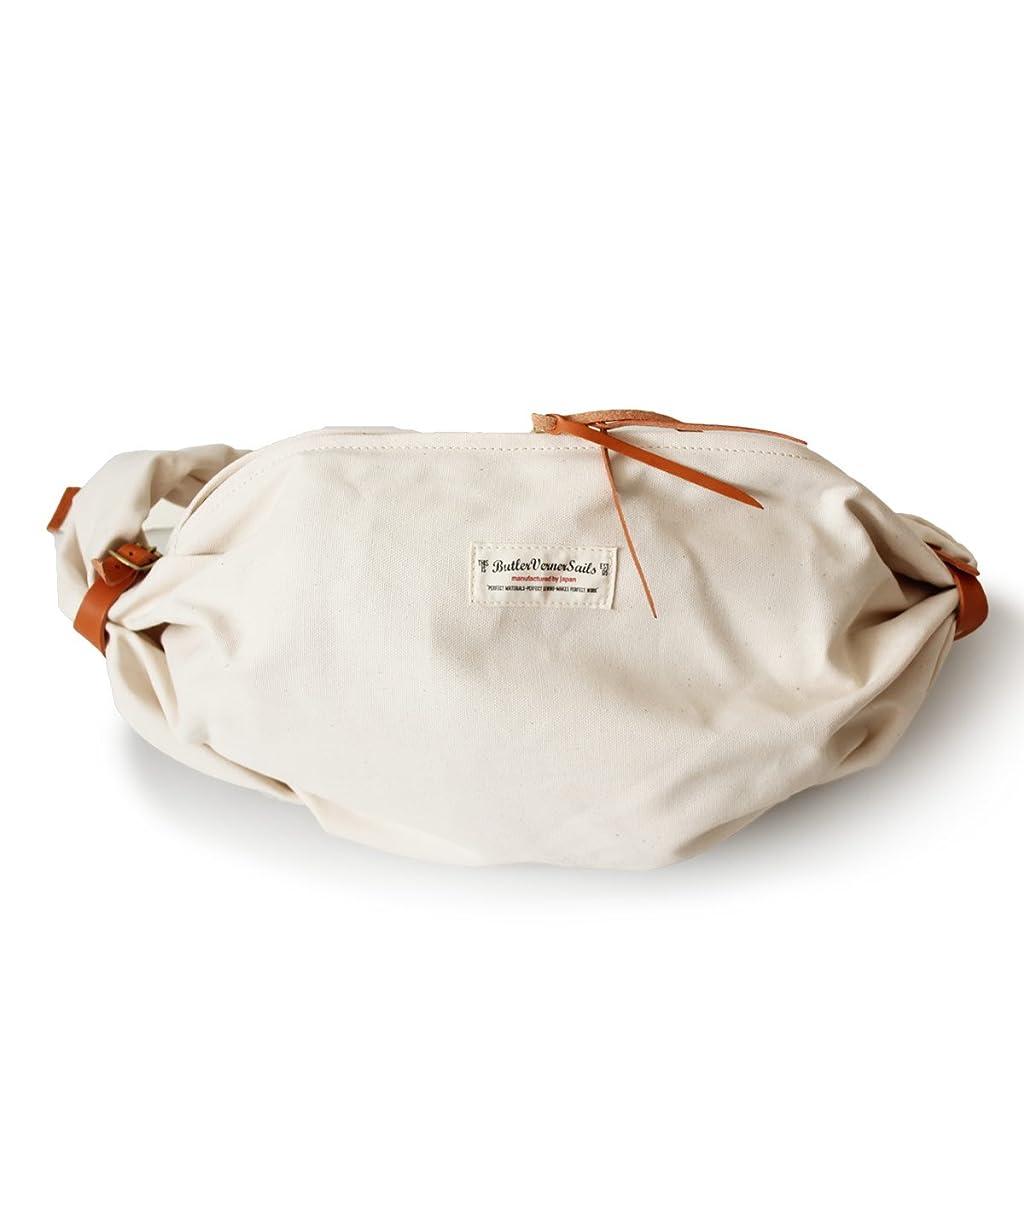 アグネスグレイ盗難ぺディカブ(バトラーバーナーセイルズ) Butler Verner Sails キャンディショルダーバッグ 斜めがけ ワンショルダー 鞄 かばん カバン JA-1740